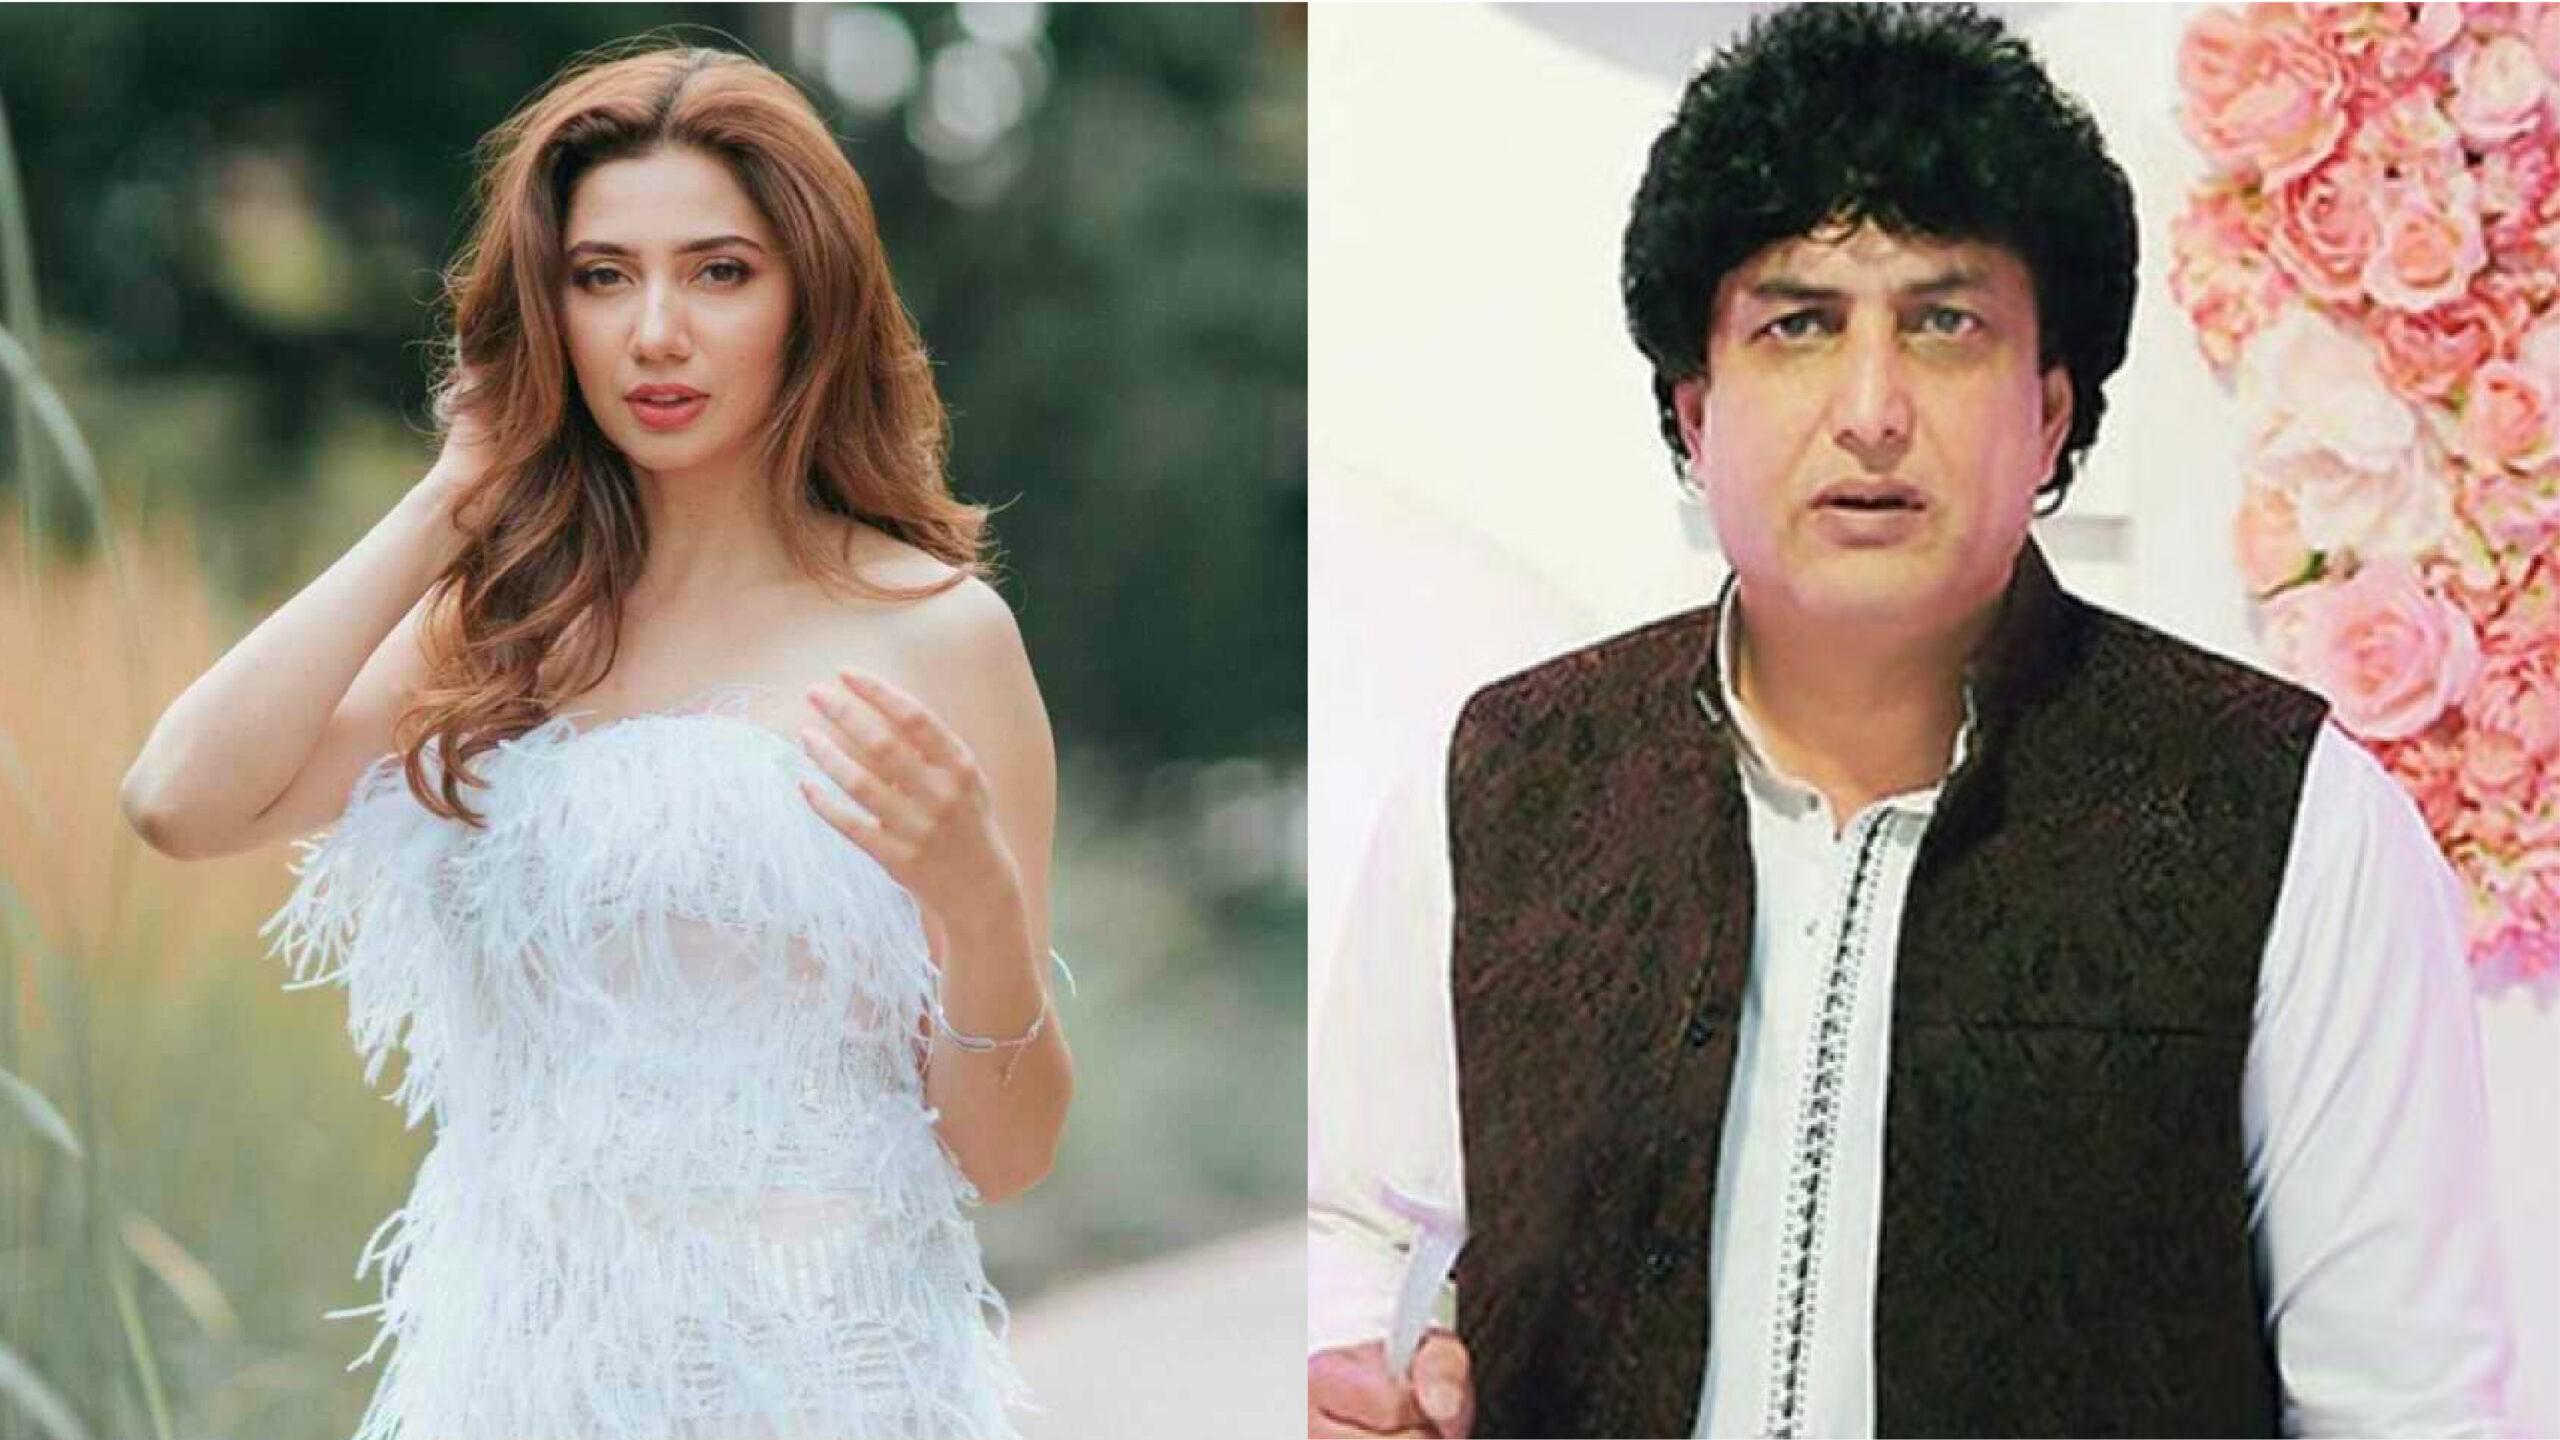 Khalil-ur-Rehman-Mahira-Khans